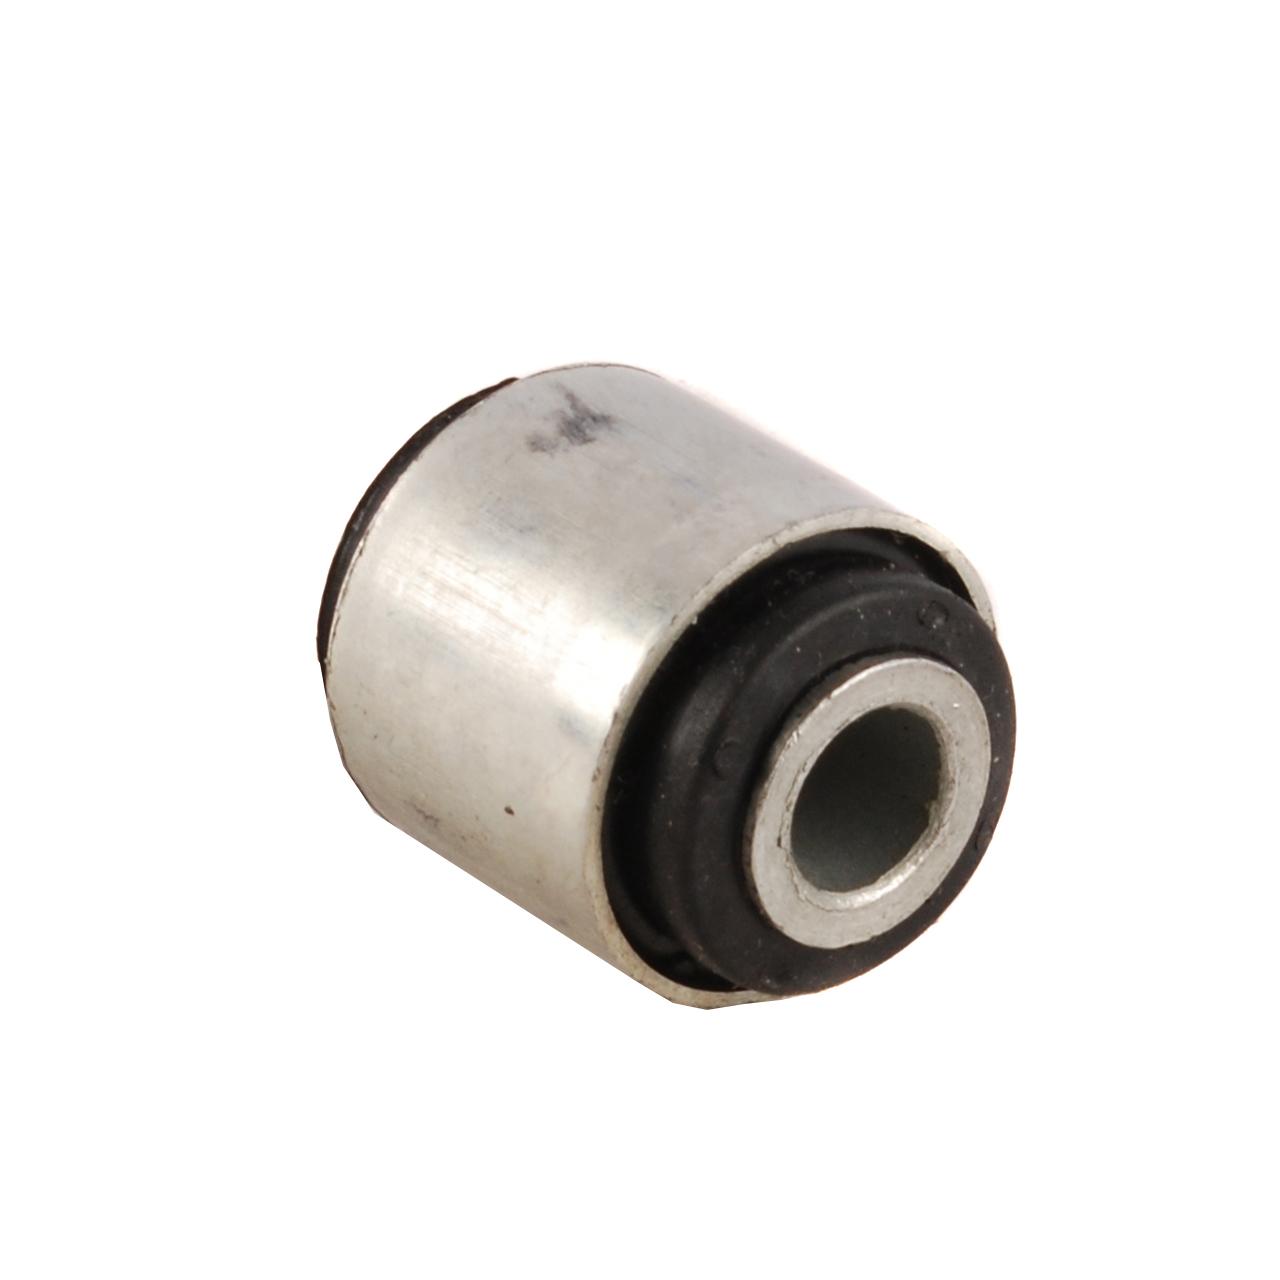 Сайлентблок рычага подвески chevrolet spark 0310 - c.п. детали турция PSE10850